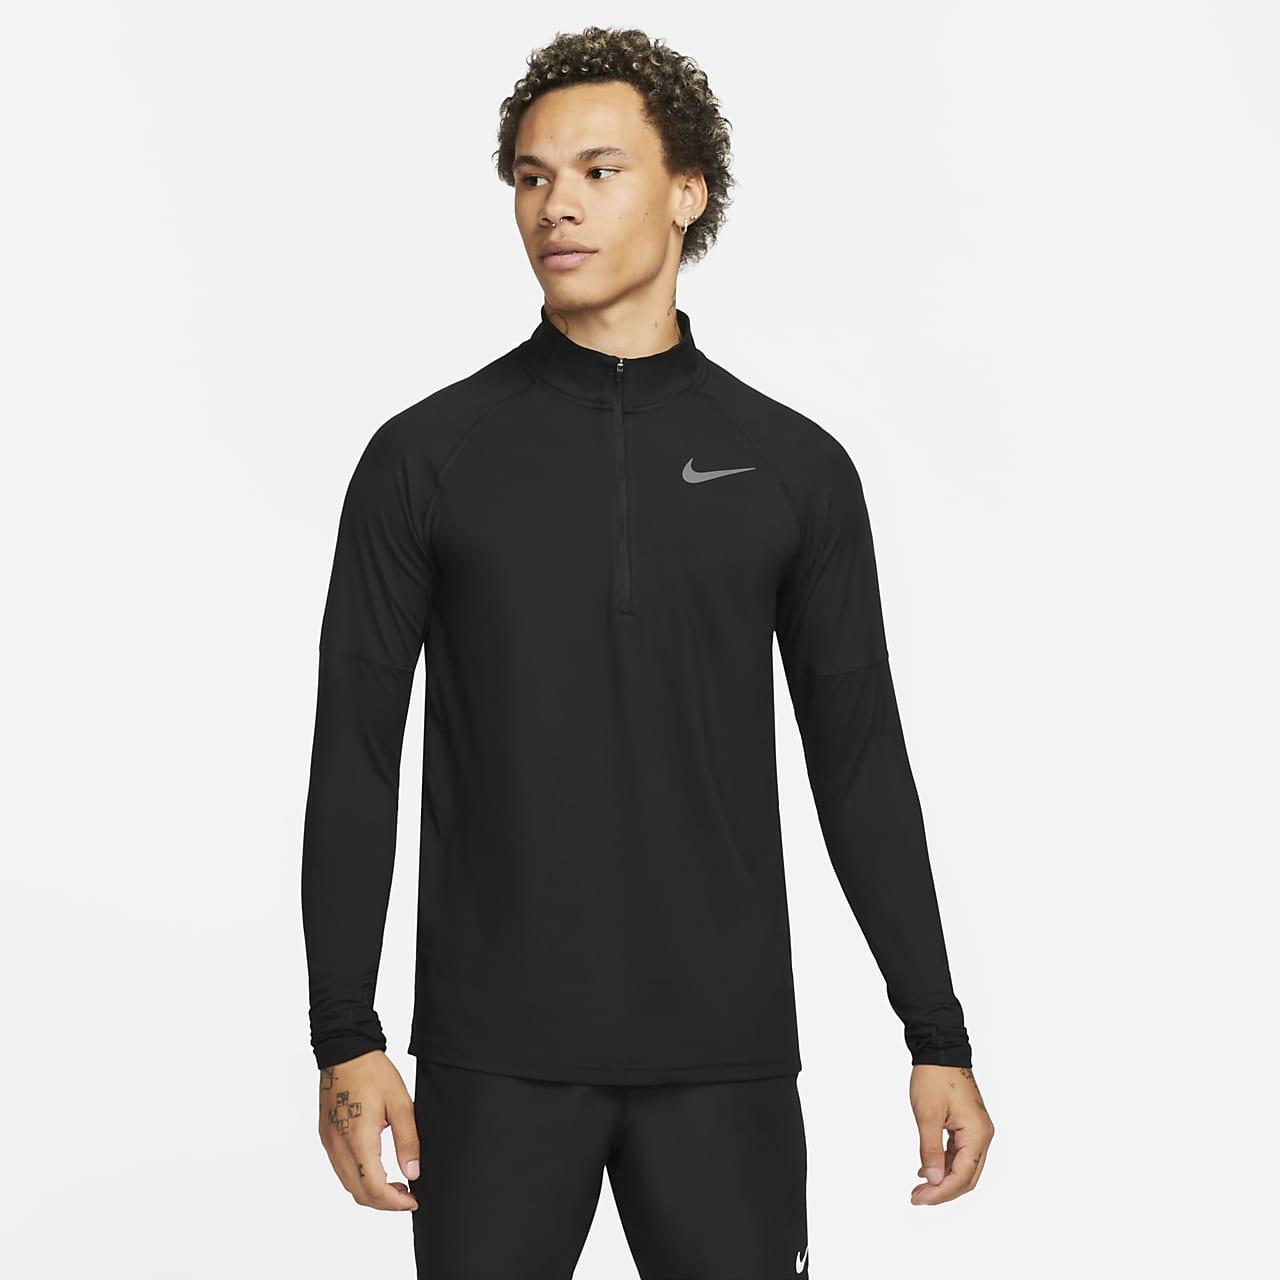 Męska koszulka do biegania z zamkiem 1/2 Nike